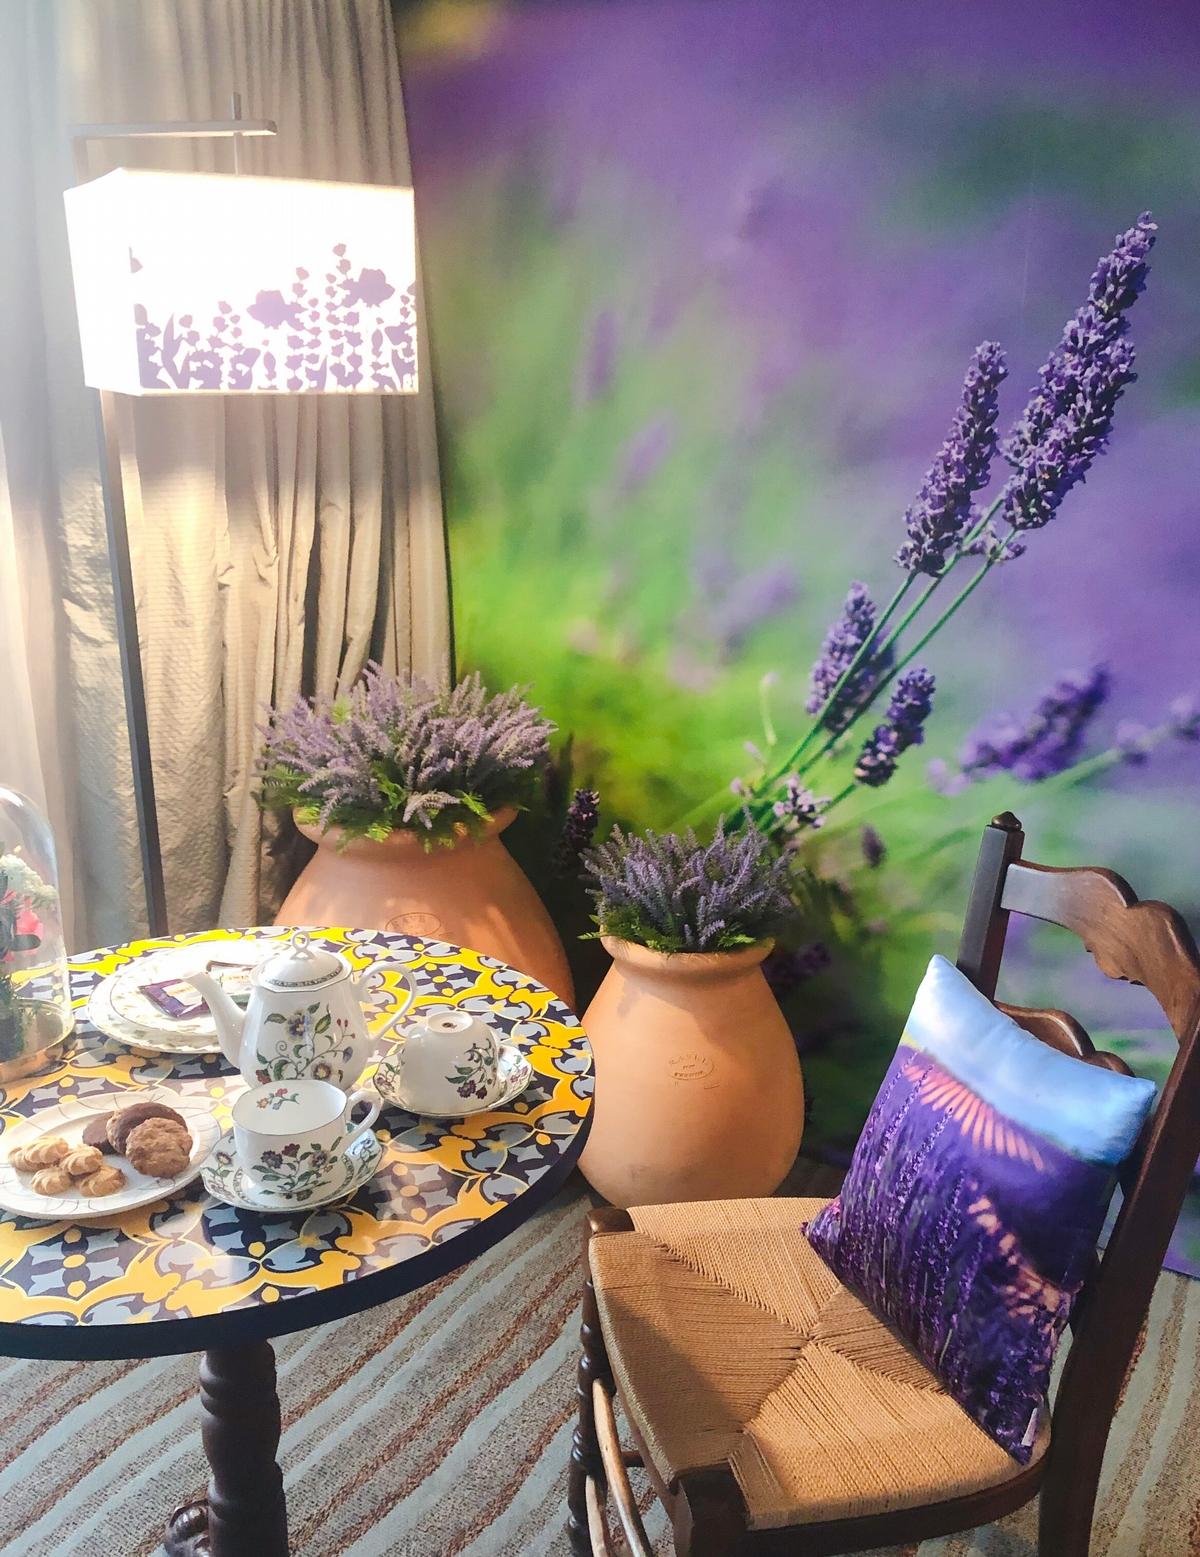 淡水那麼近~快約姊妹淘來住「普羅旺斯海景花園主題房」,再一起享受暖呼呼的熱石療法